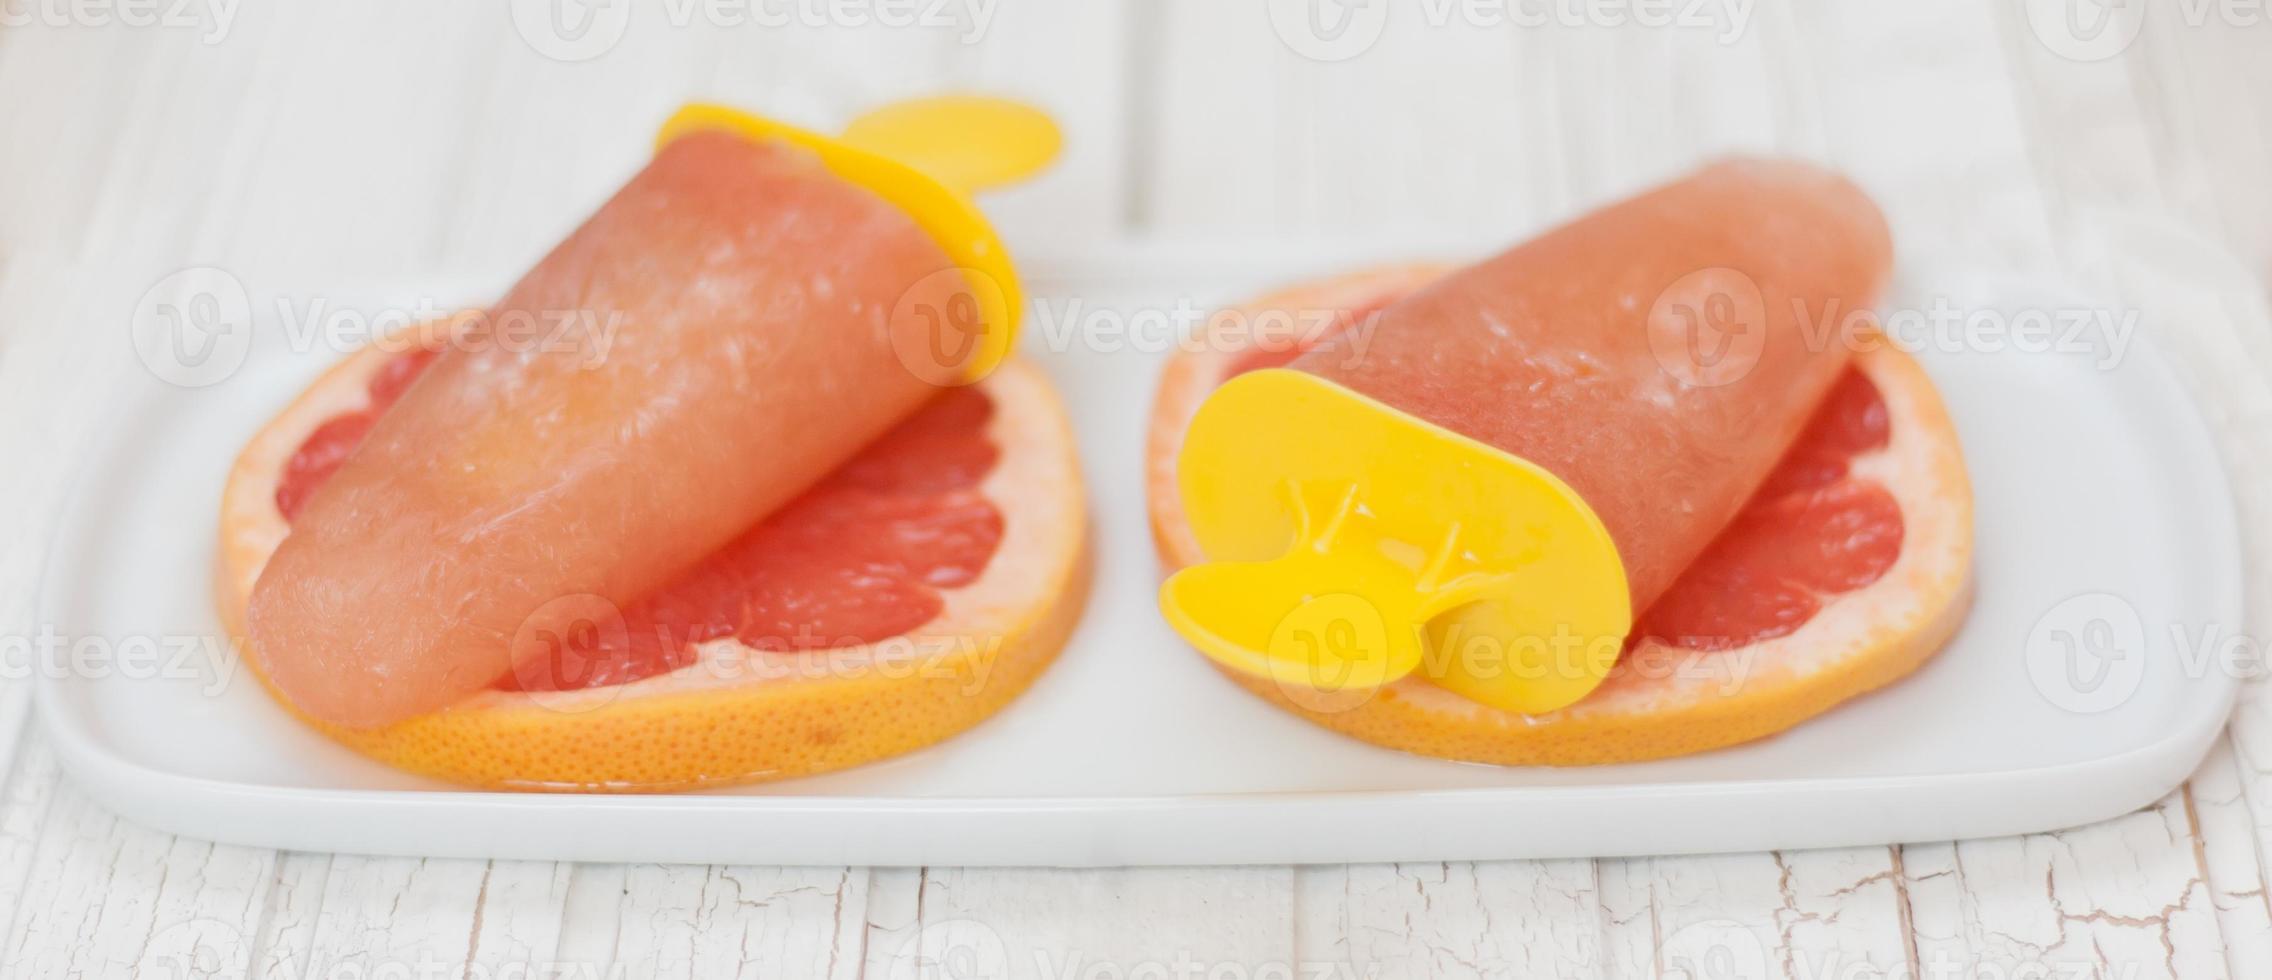 fruitige ijsjes geserveerd op schijfjes grapefruit foto